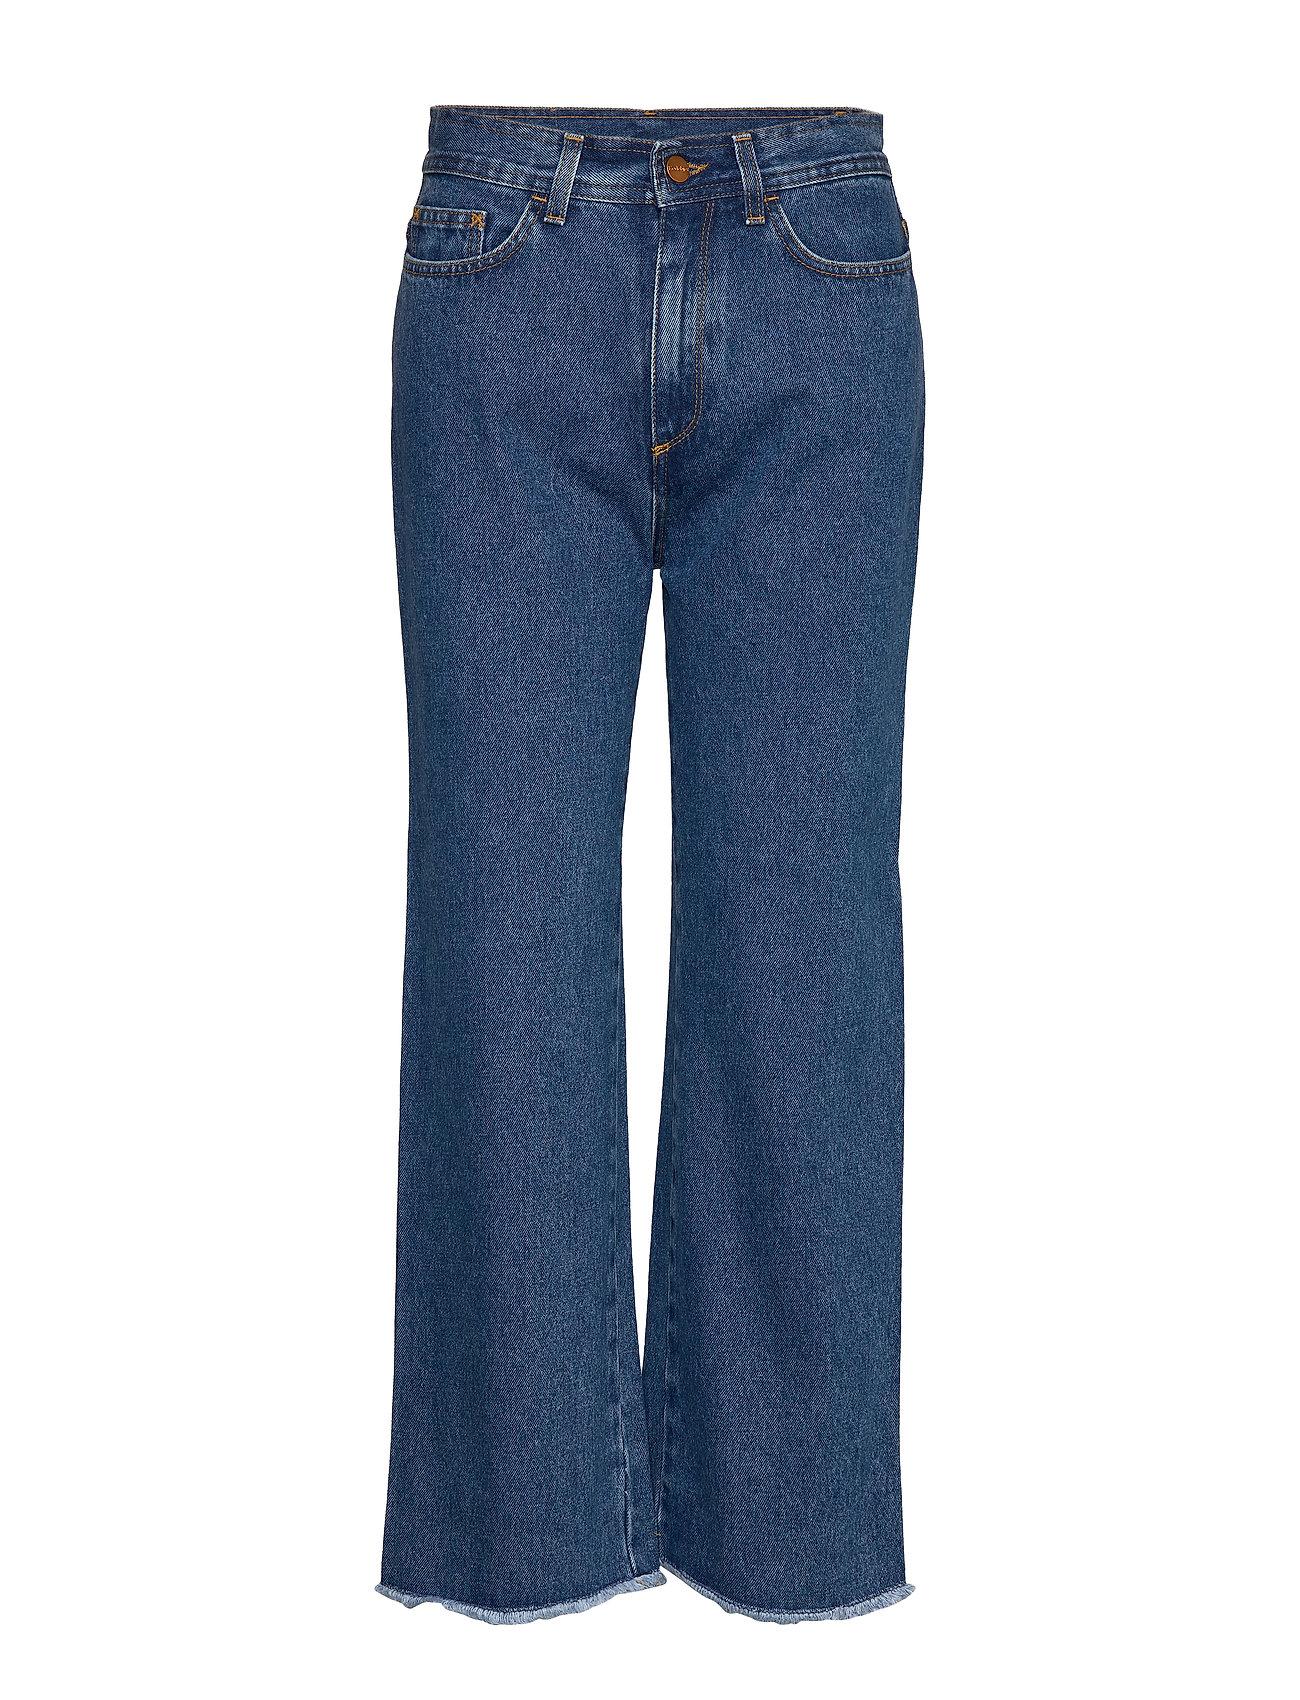 Image of Farrah Vide Jeans Blå RODEBJER (3292170213)